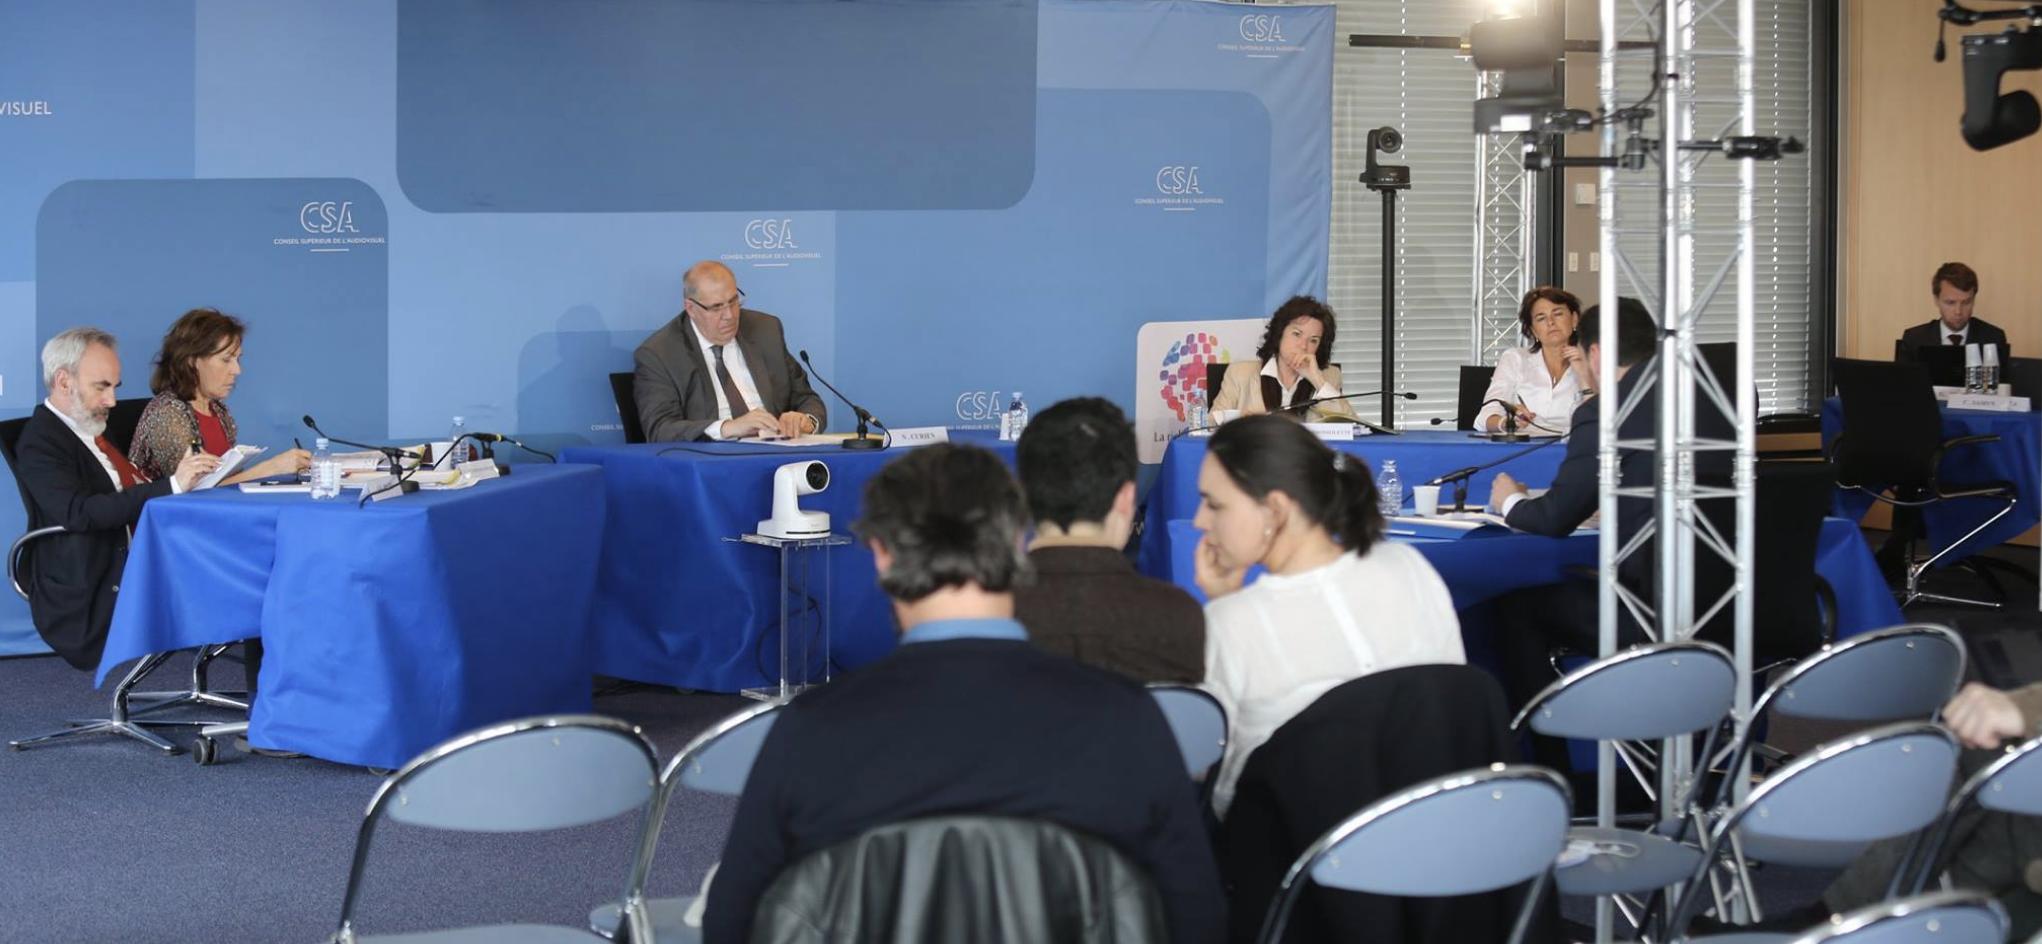 Le Conseil auditionnera deux candidats à la présidence de France Médias Monde le 18 avril prochain © Serge Surpin / La Lettre Pro de la Radio